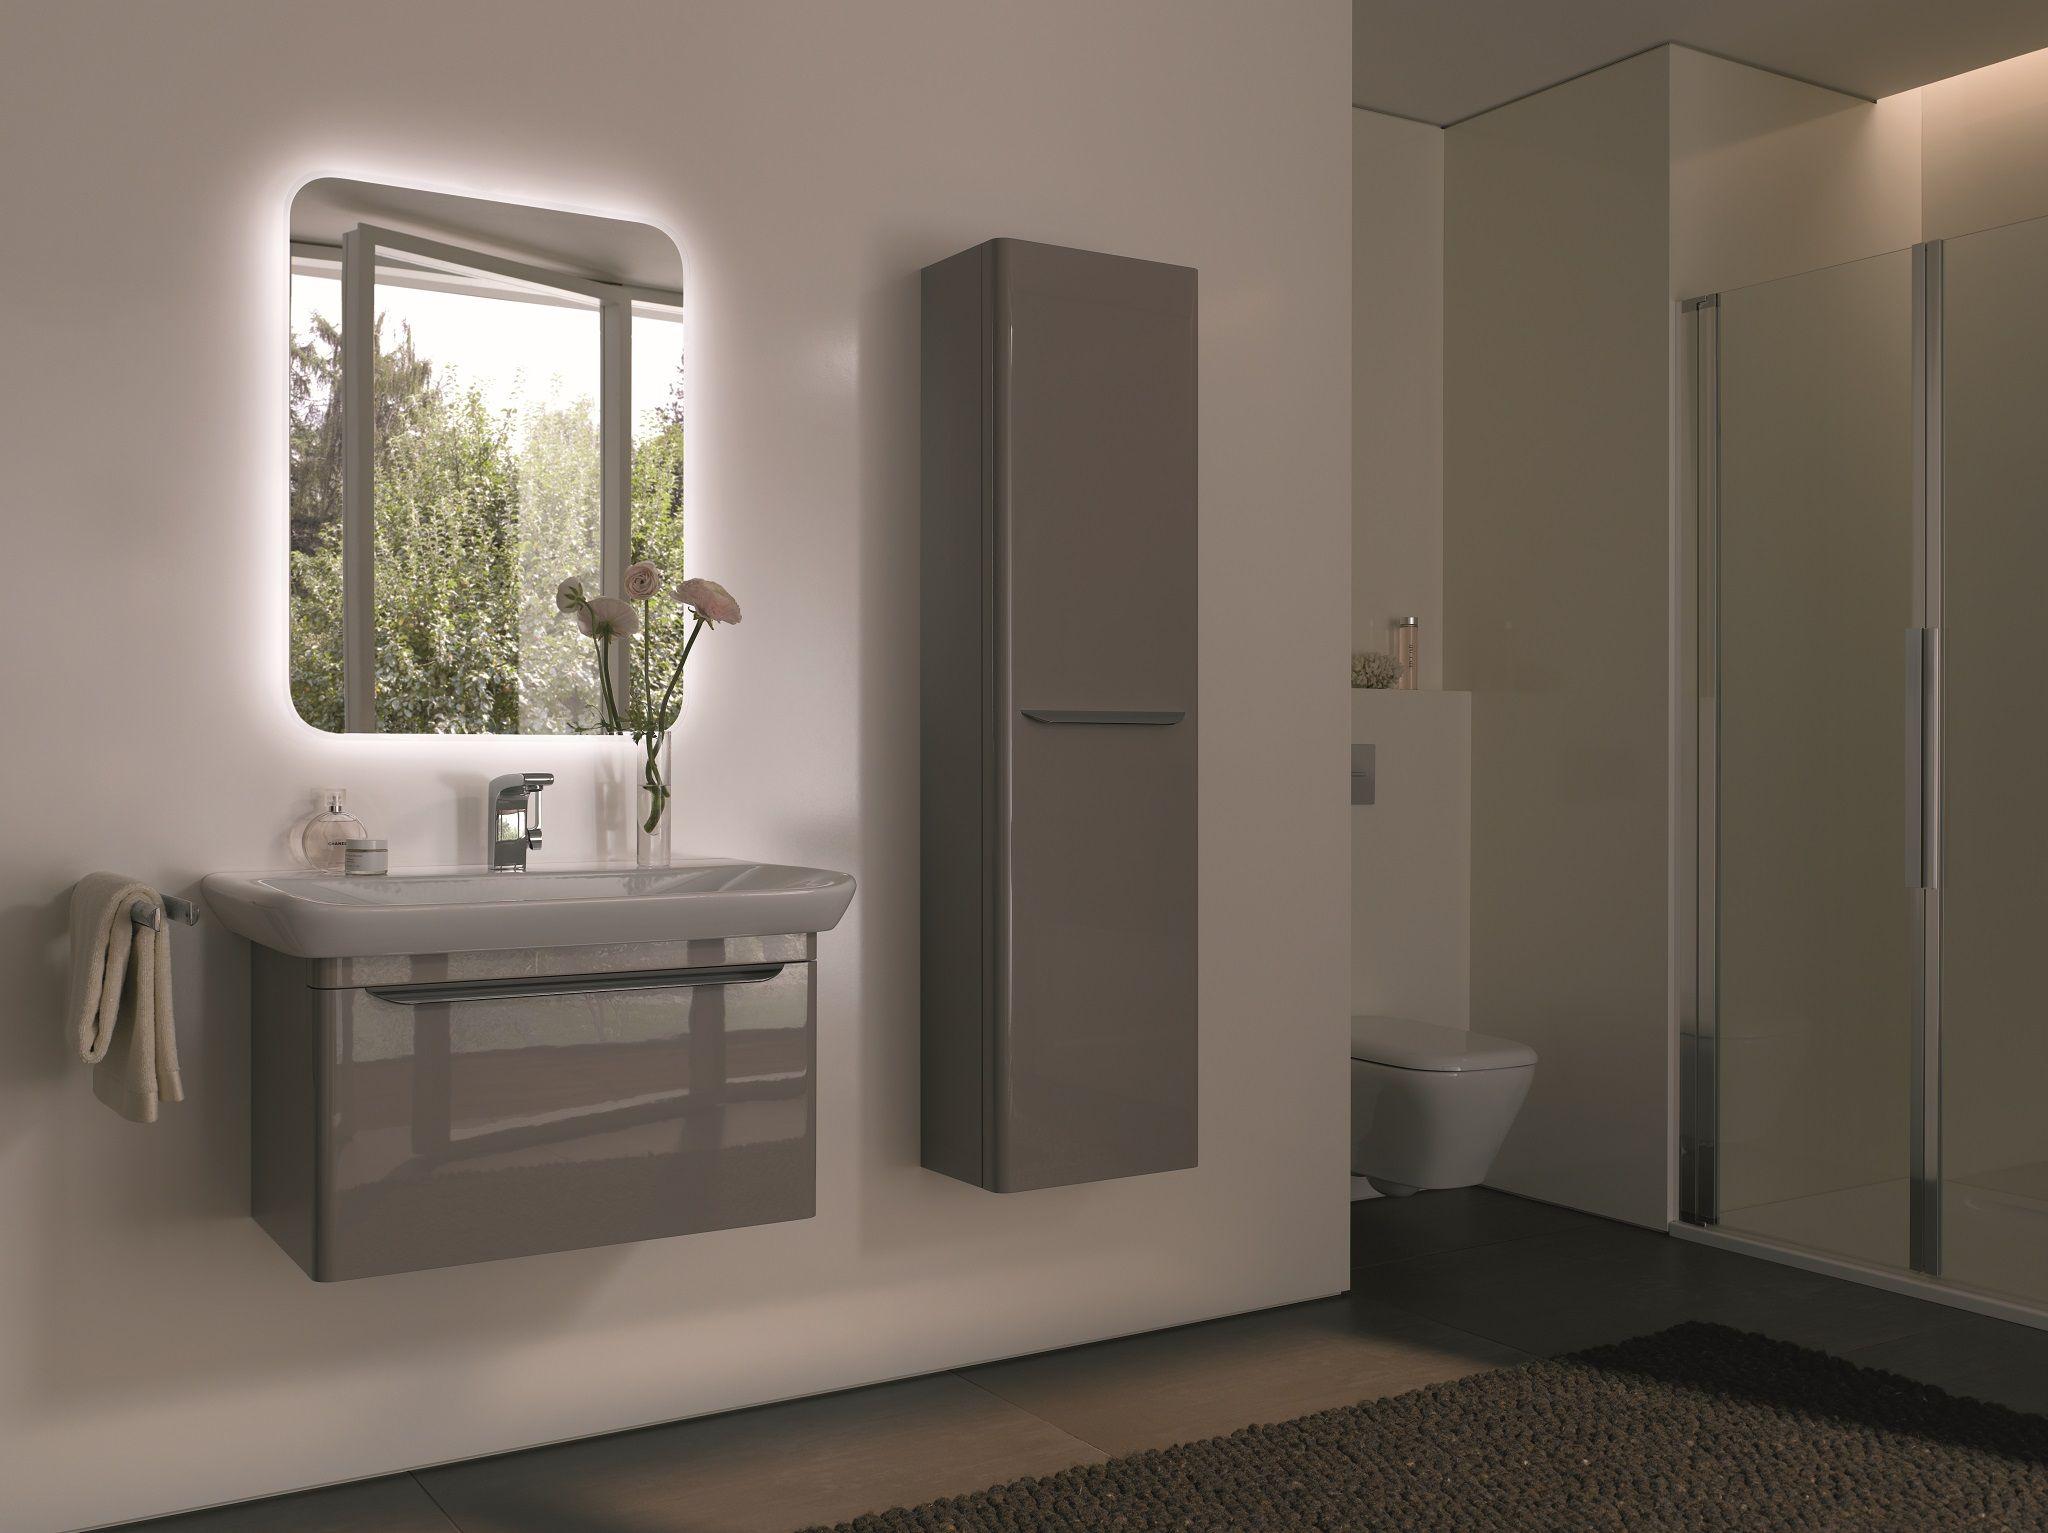 binatie van spiegel met led verlichting wastafel onderkast